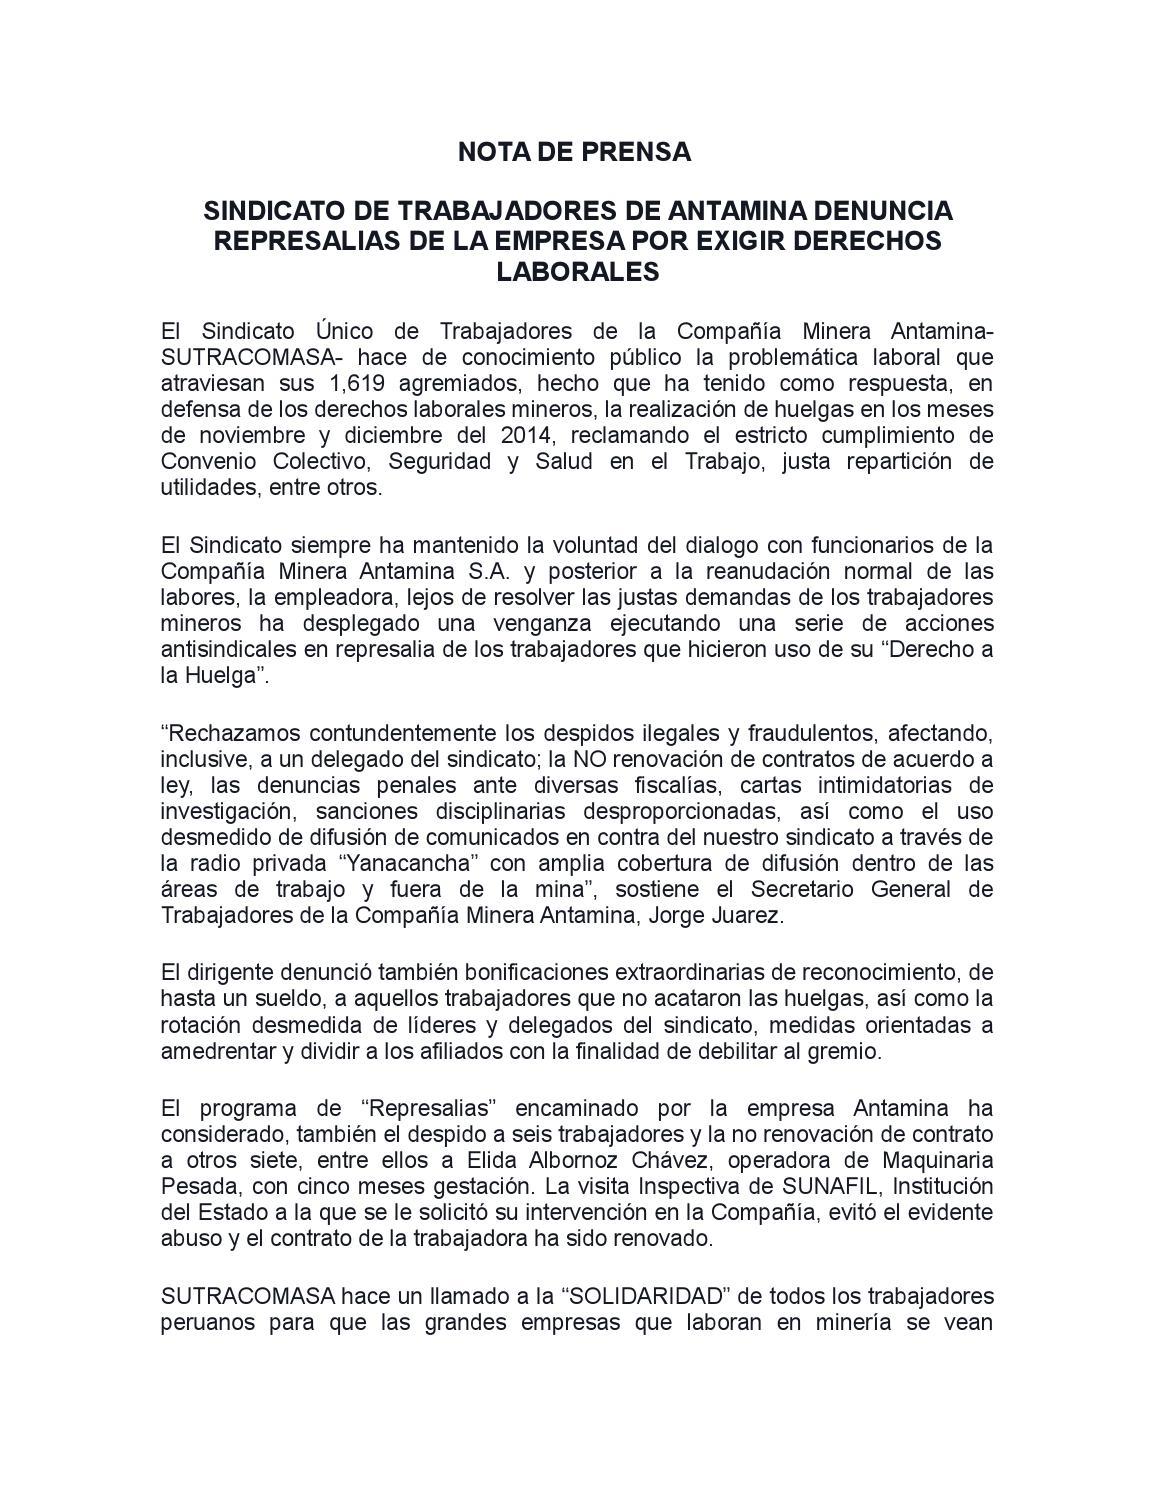 DENUNCIAMOS REPRESALIAS DE ANTAMINA by Sutracomasa - issuu